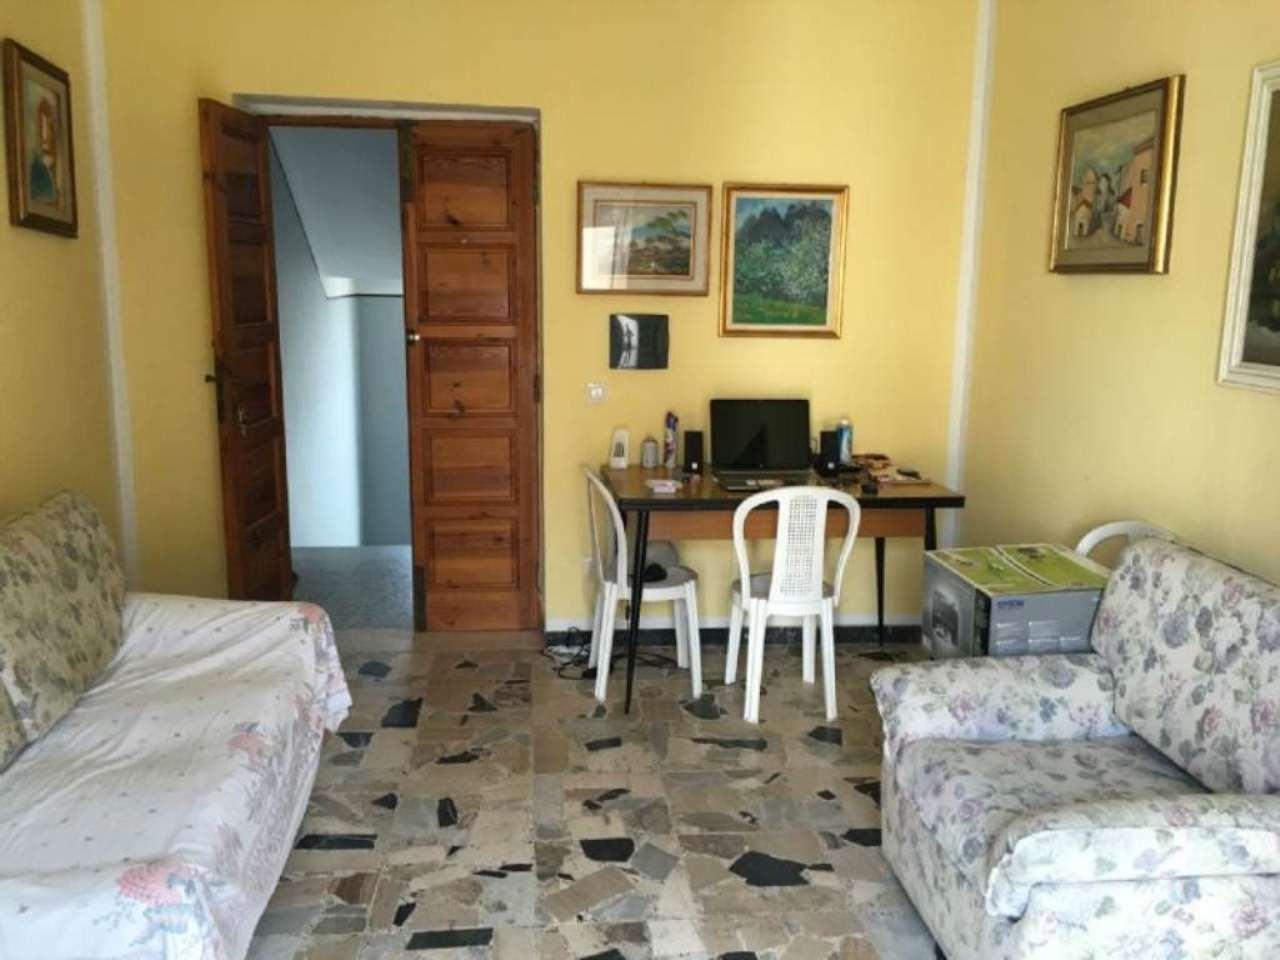 Appartamento in vendita a Bosa, 2 locali, prezzo € 70.000 | Cambio Casa.it